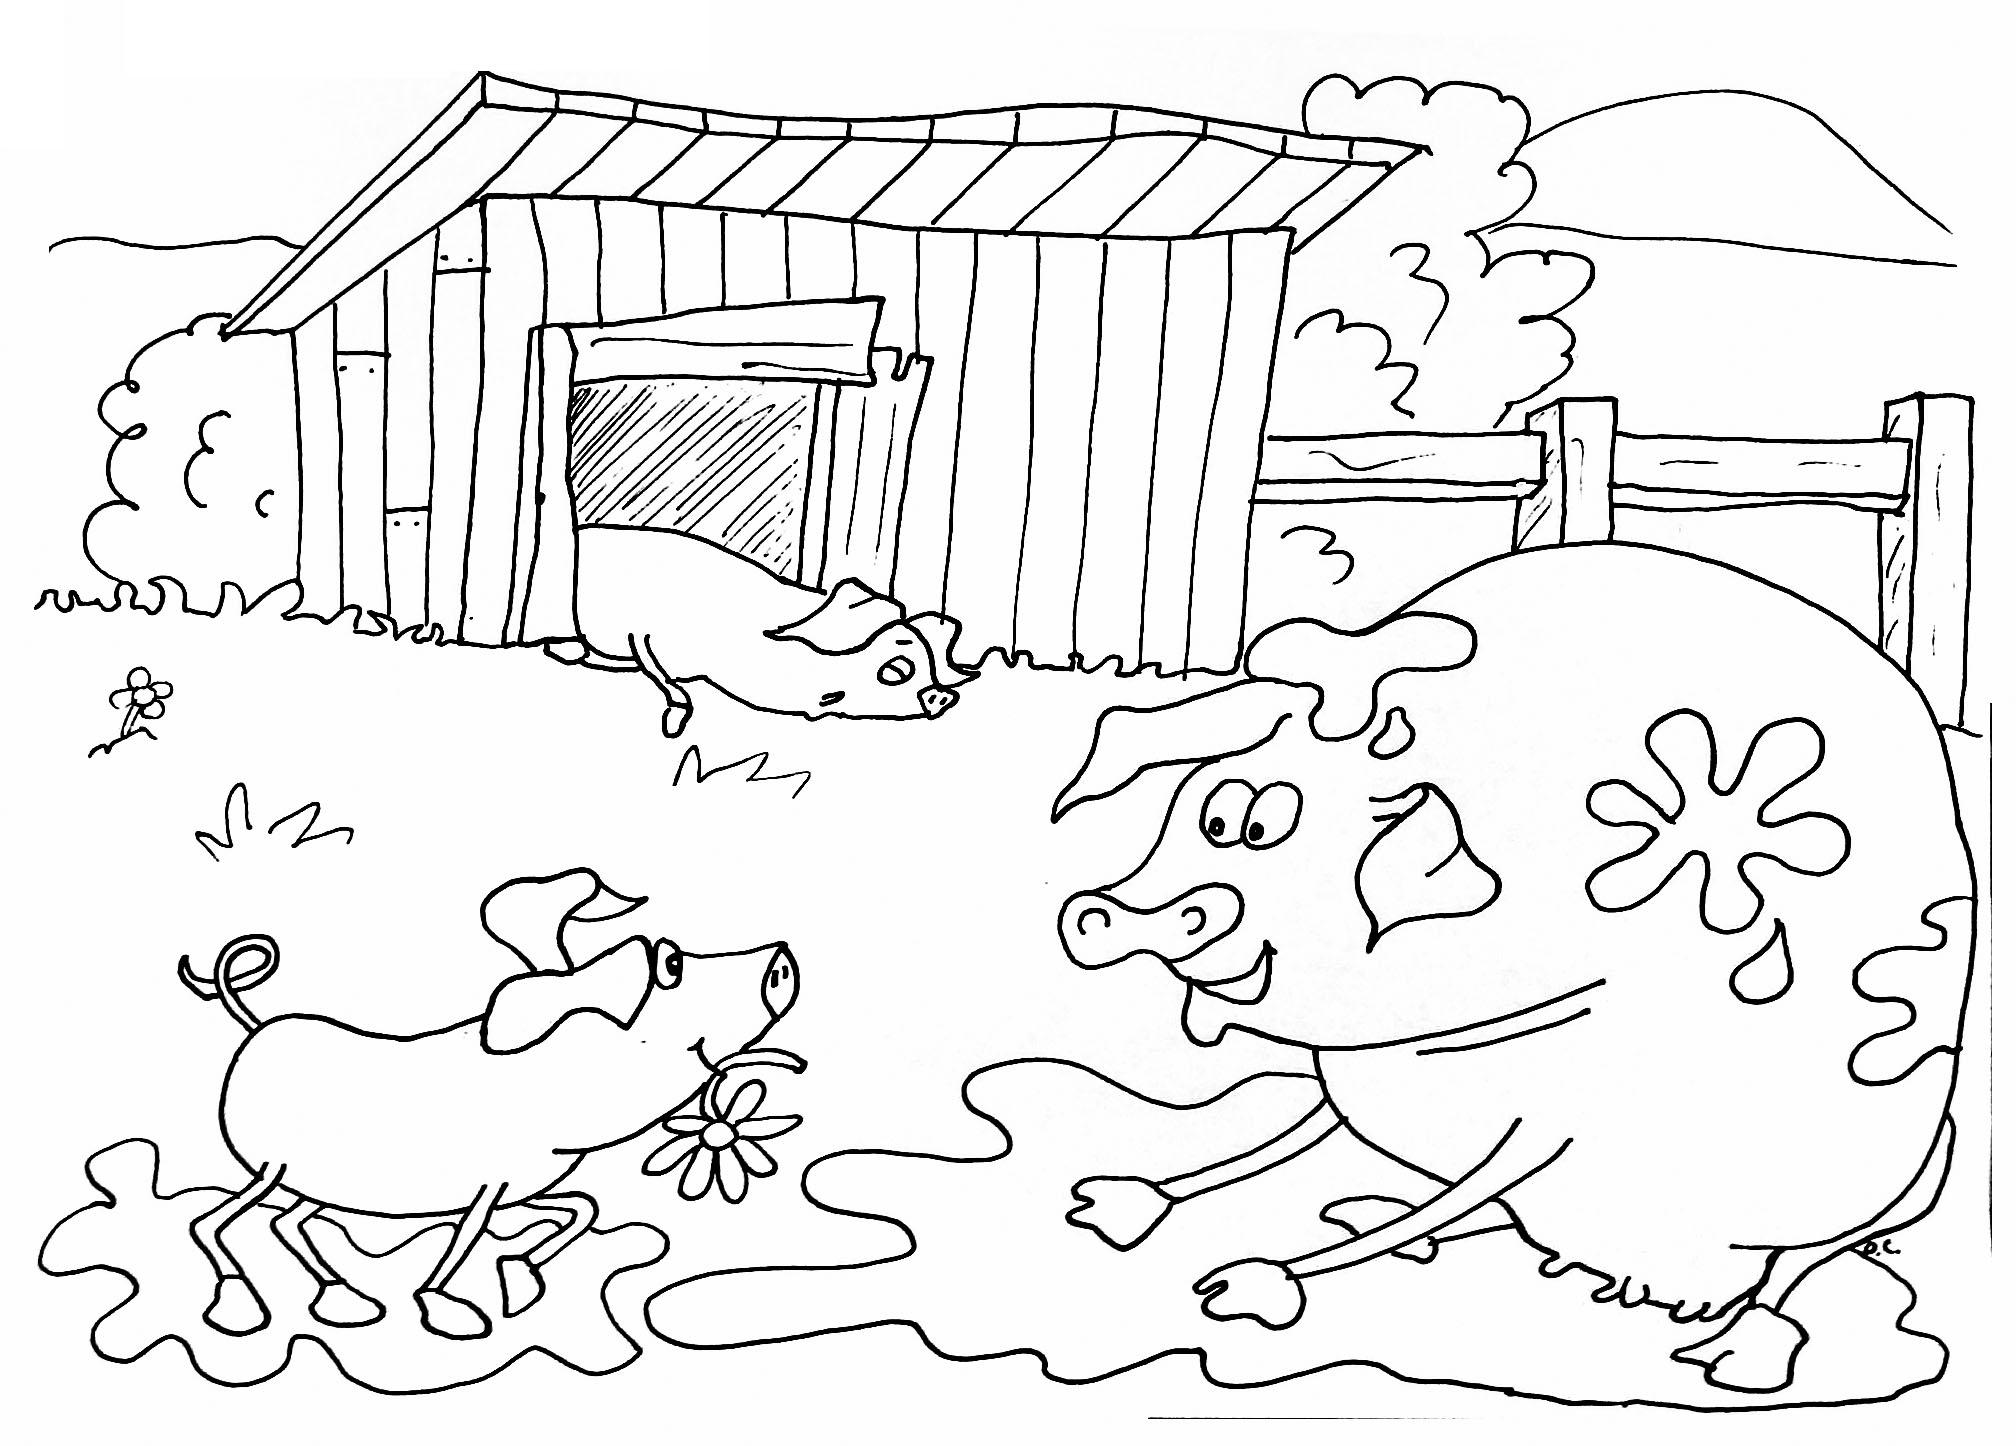 Coloriage sur la Ferme, avec 3 cochons aimant dormir et se laver dans la boue.A partir de la galerie : Ferme